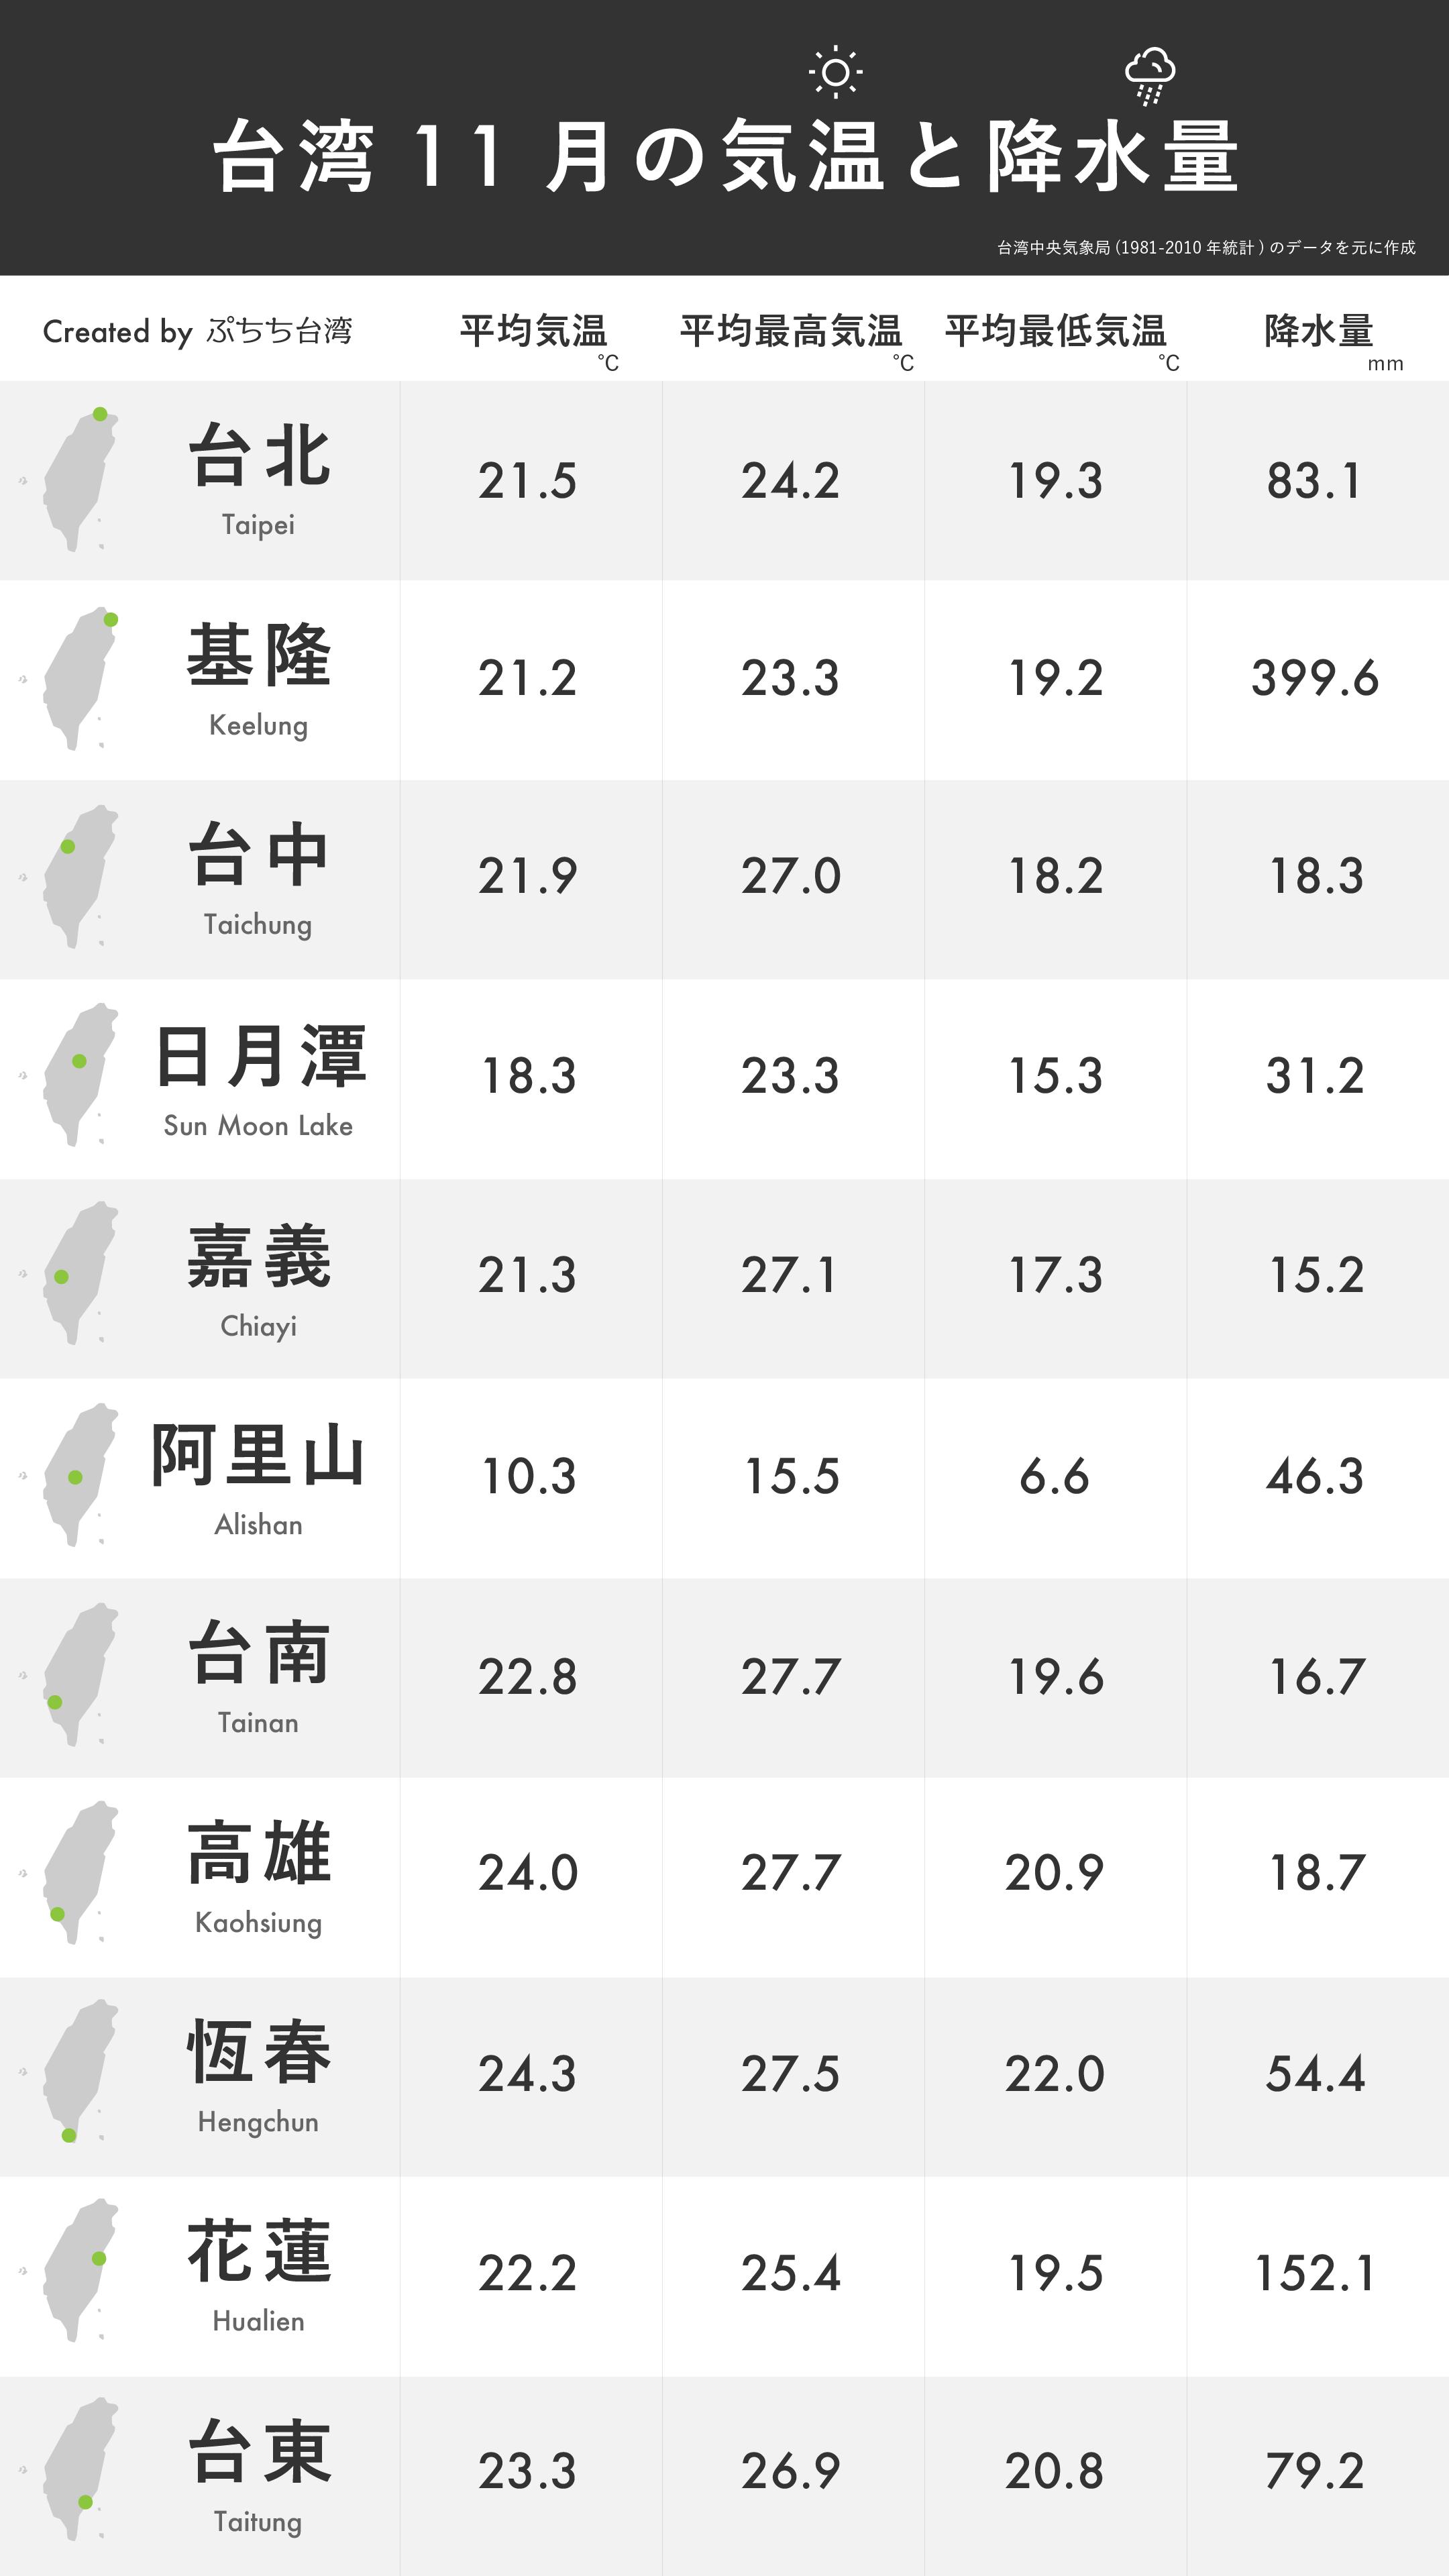 台湾11月の平均気温・平均最高気温・平均最低気温・降水量